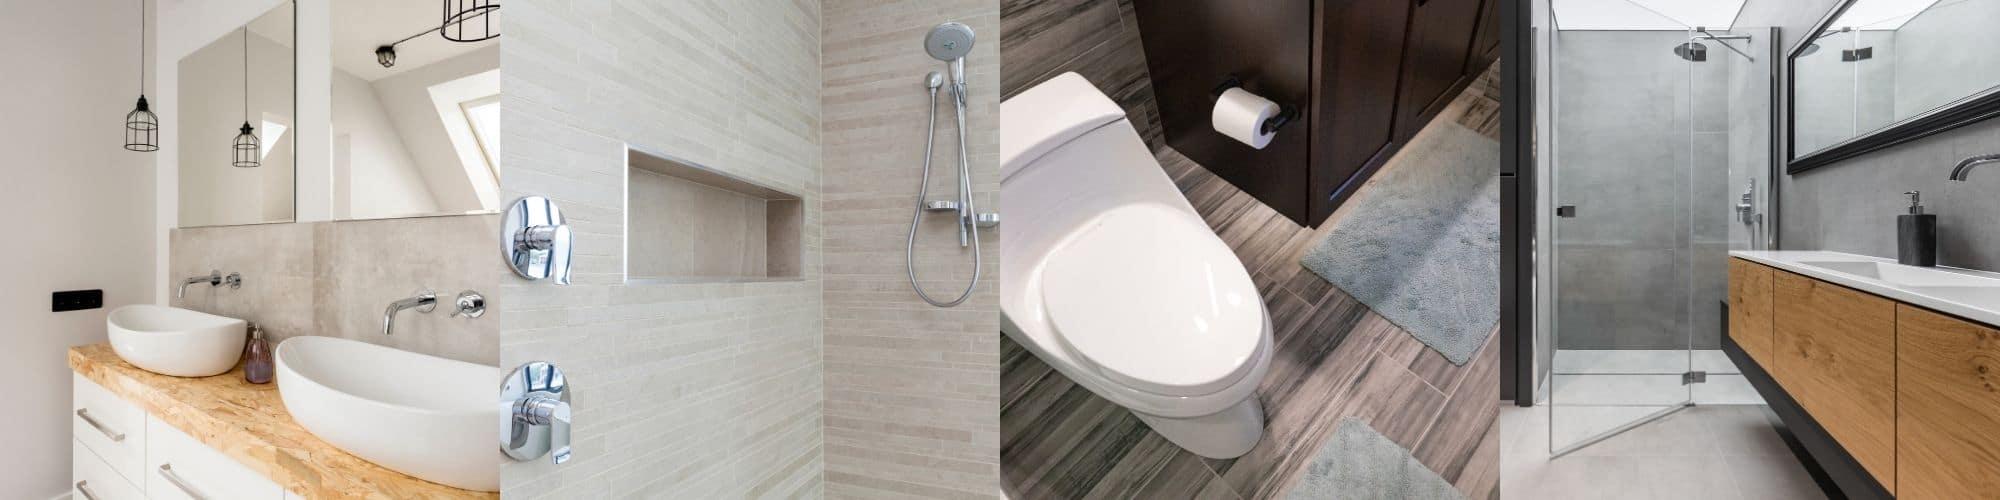 Bathroom Parts